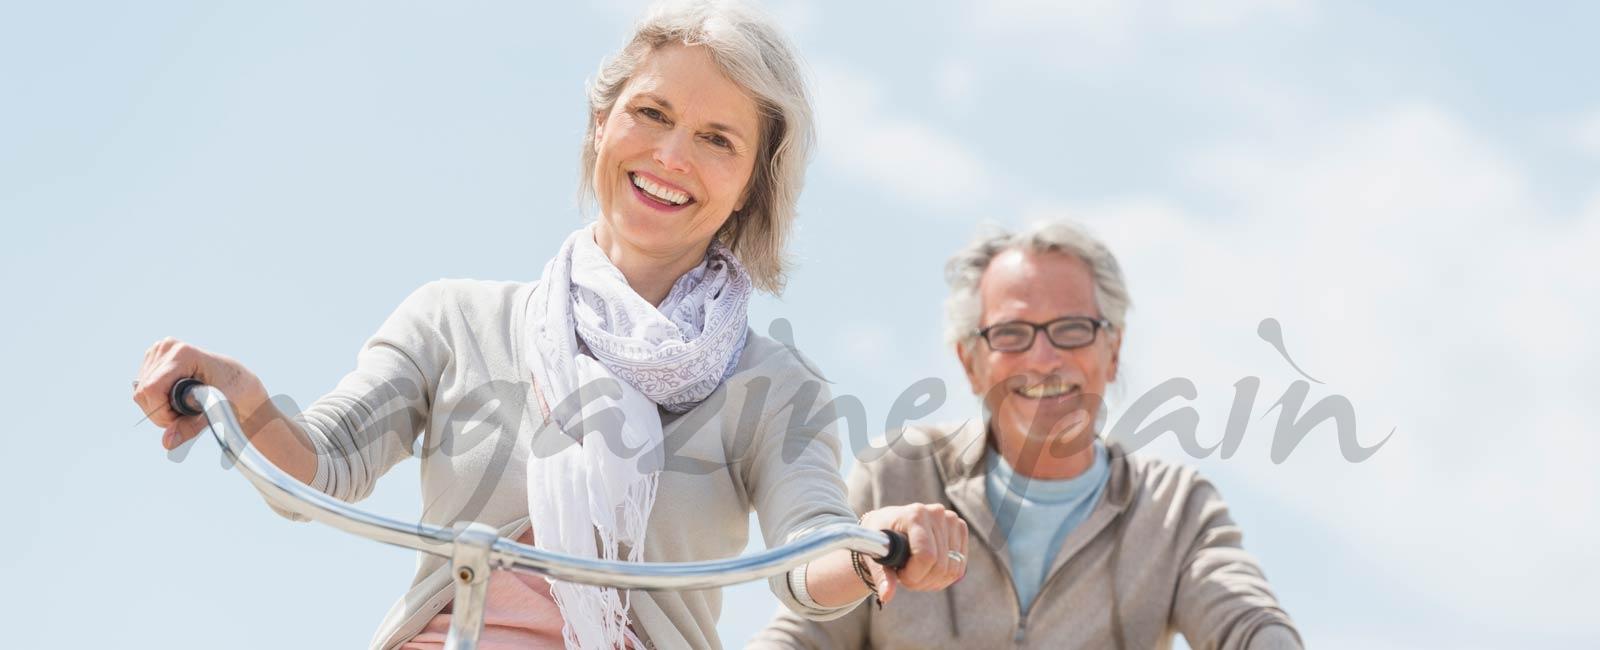 Claves para afrontar el envejecimiento con felicidad